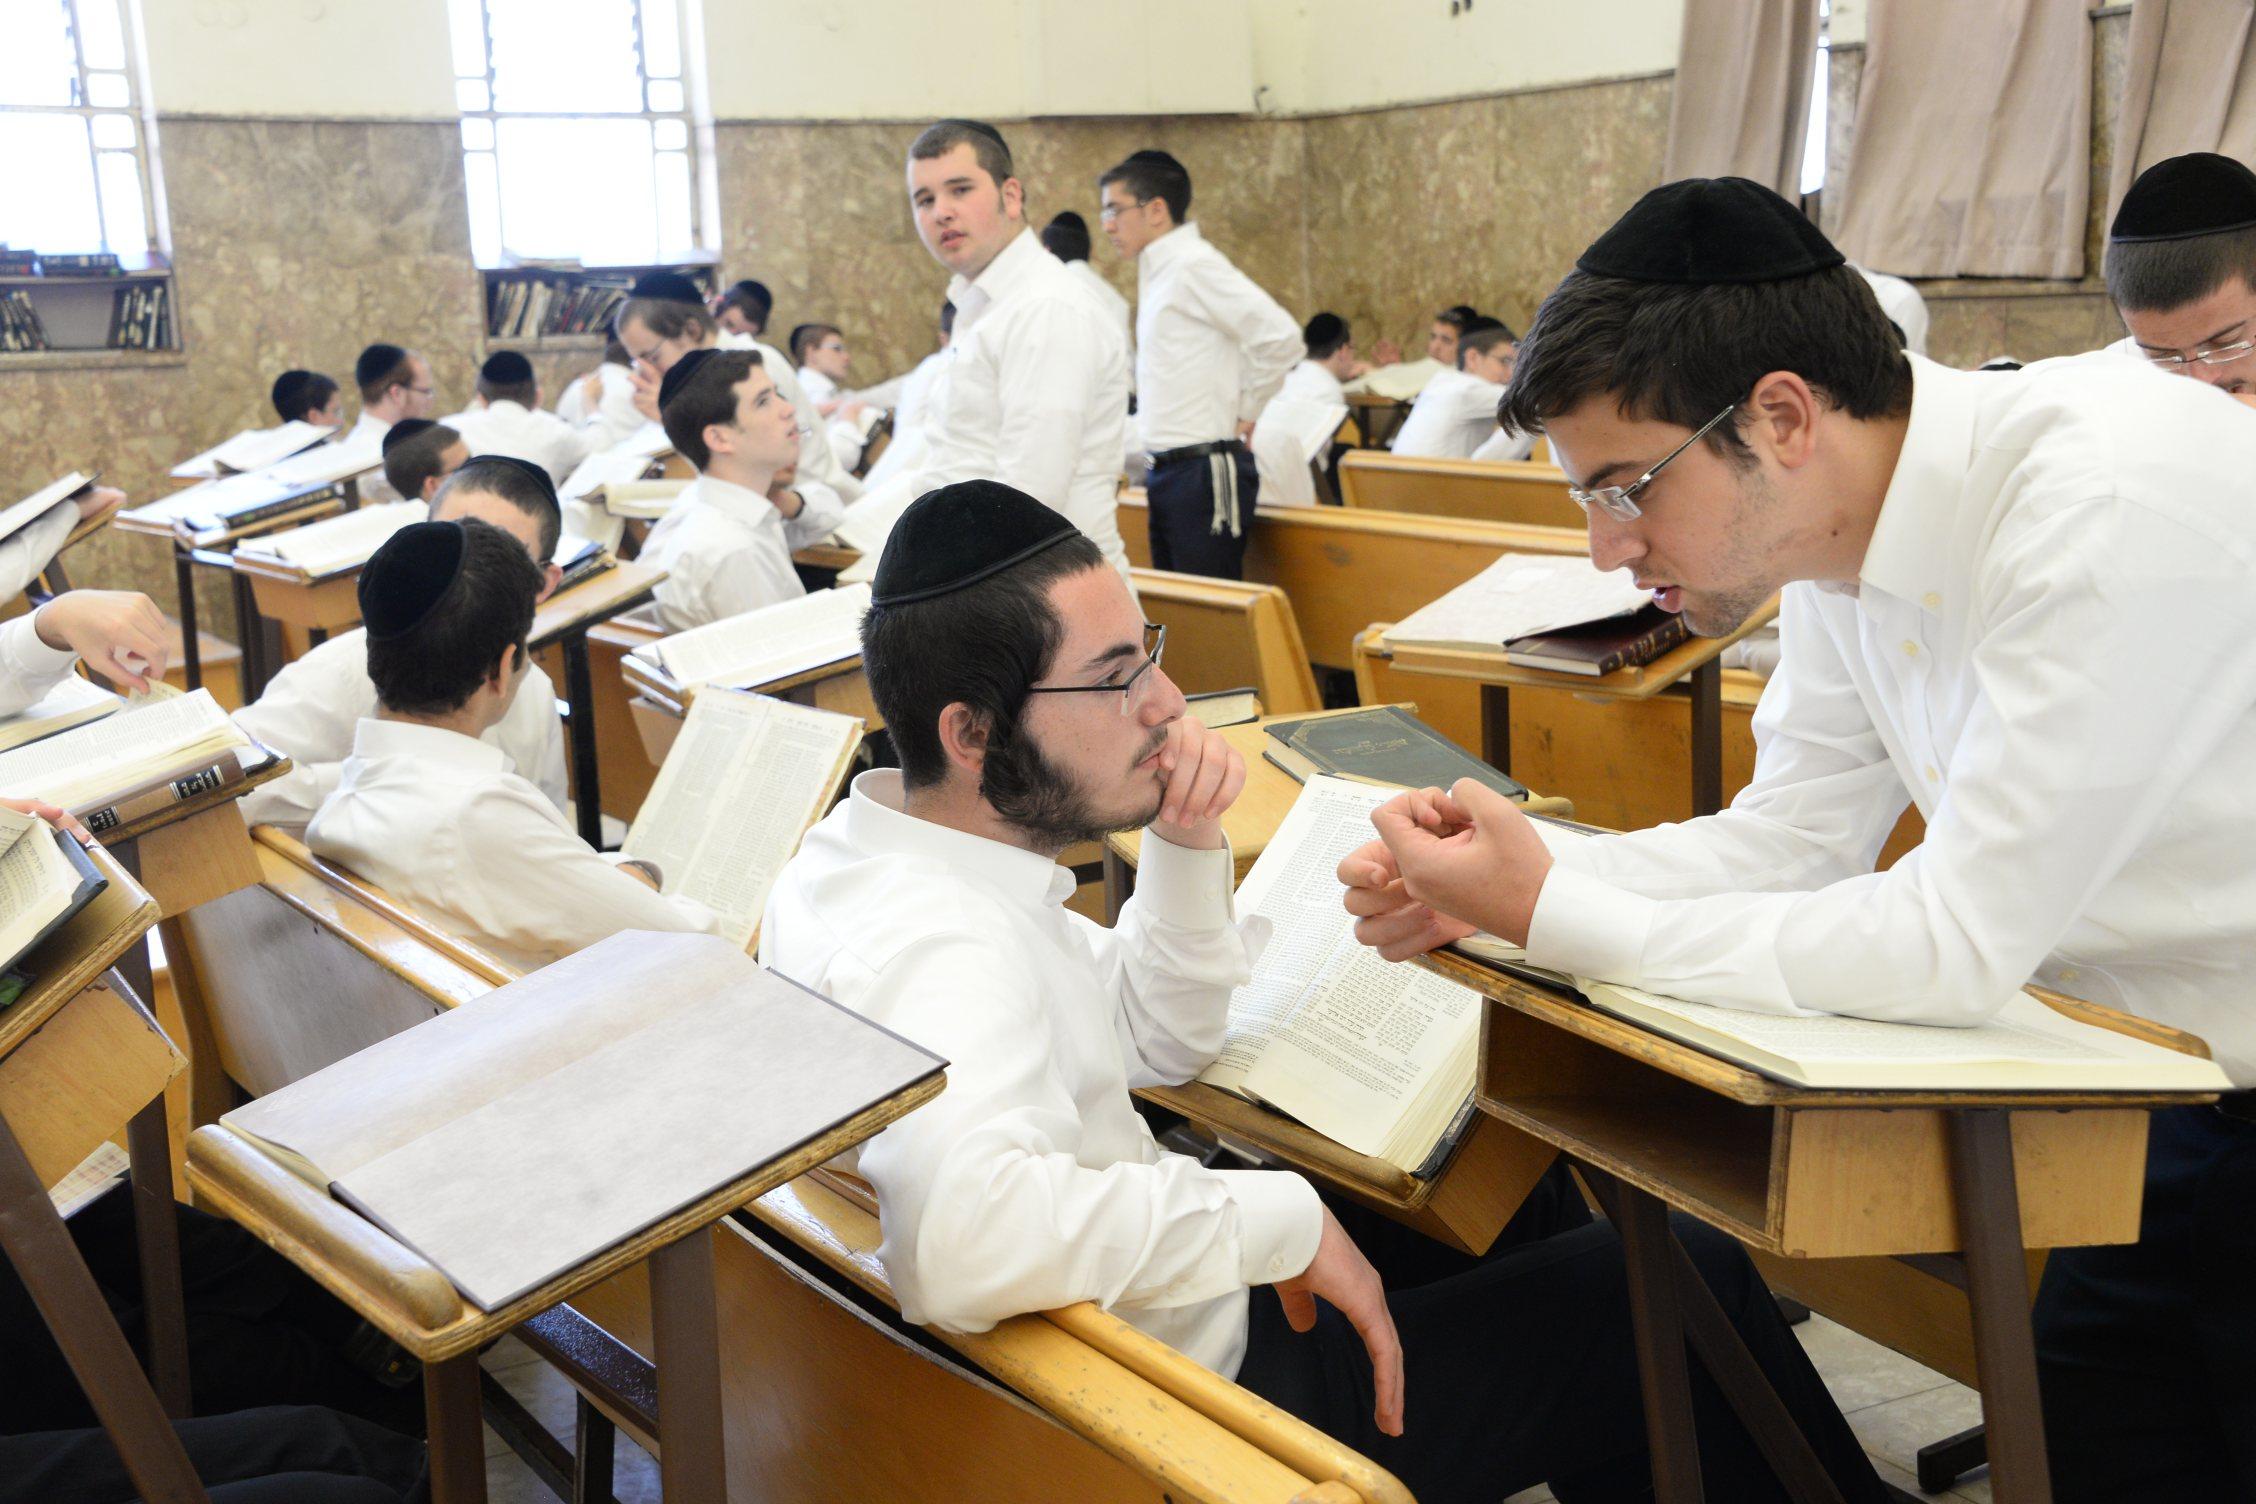 פונוביז' ישיבה בחורים לימוד תורה (7)